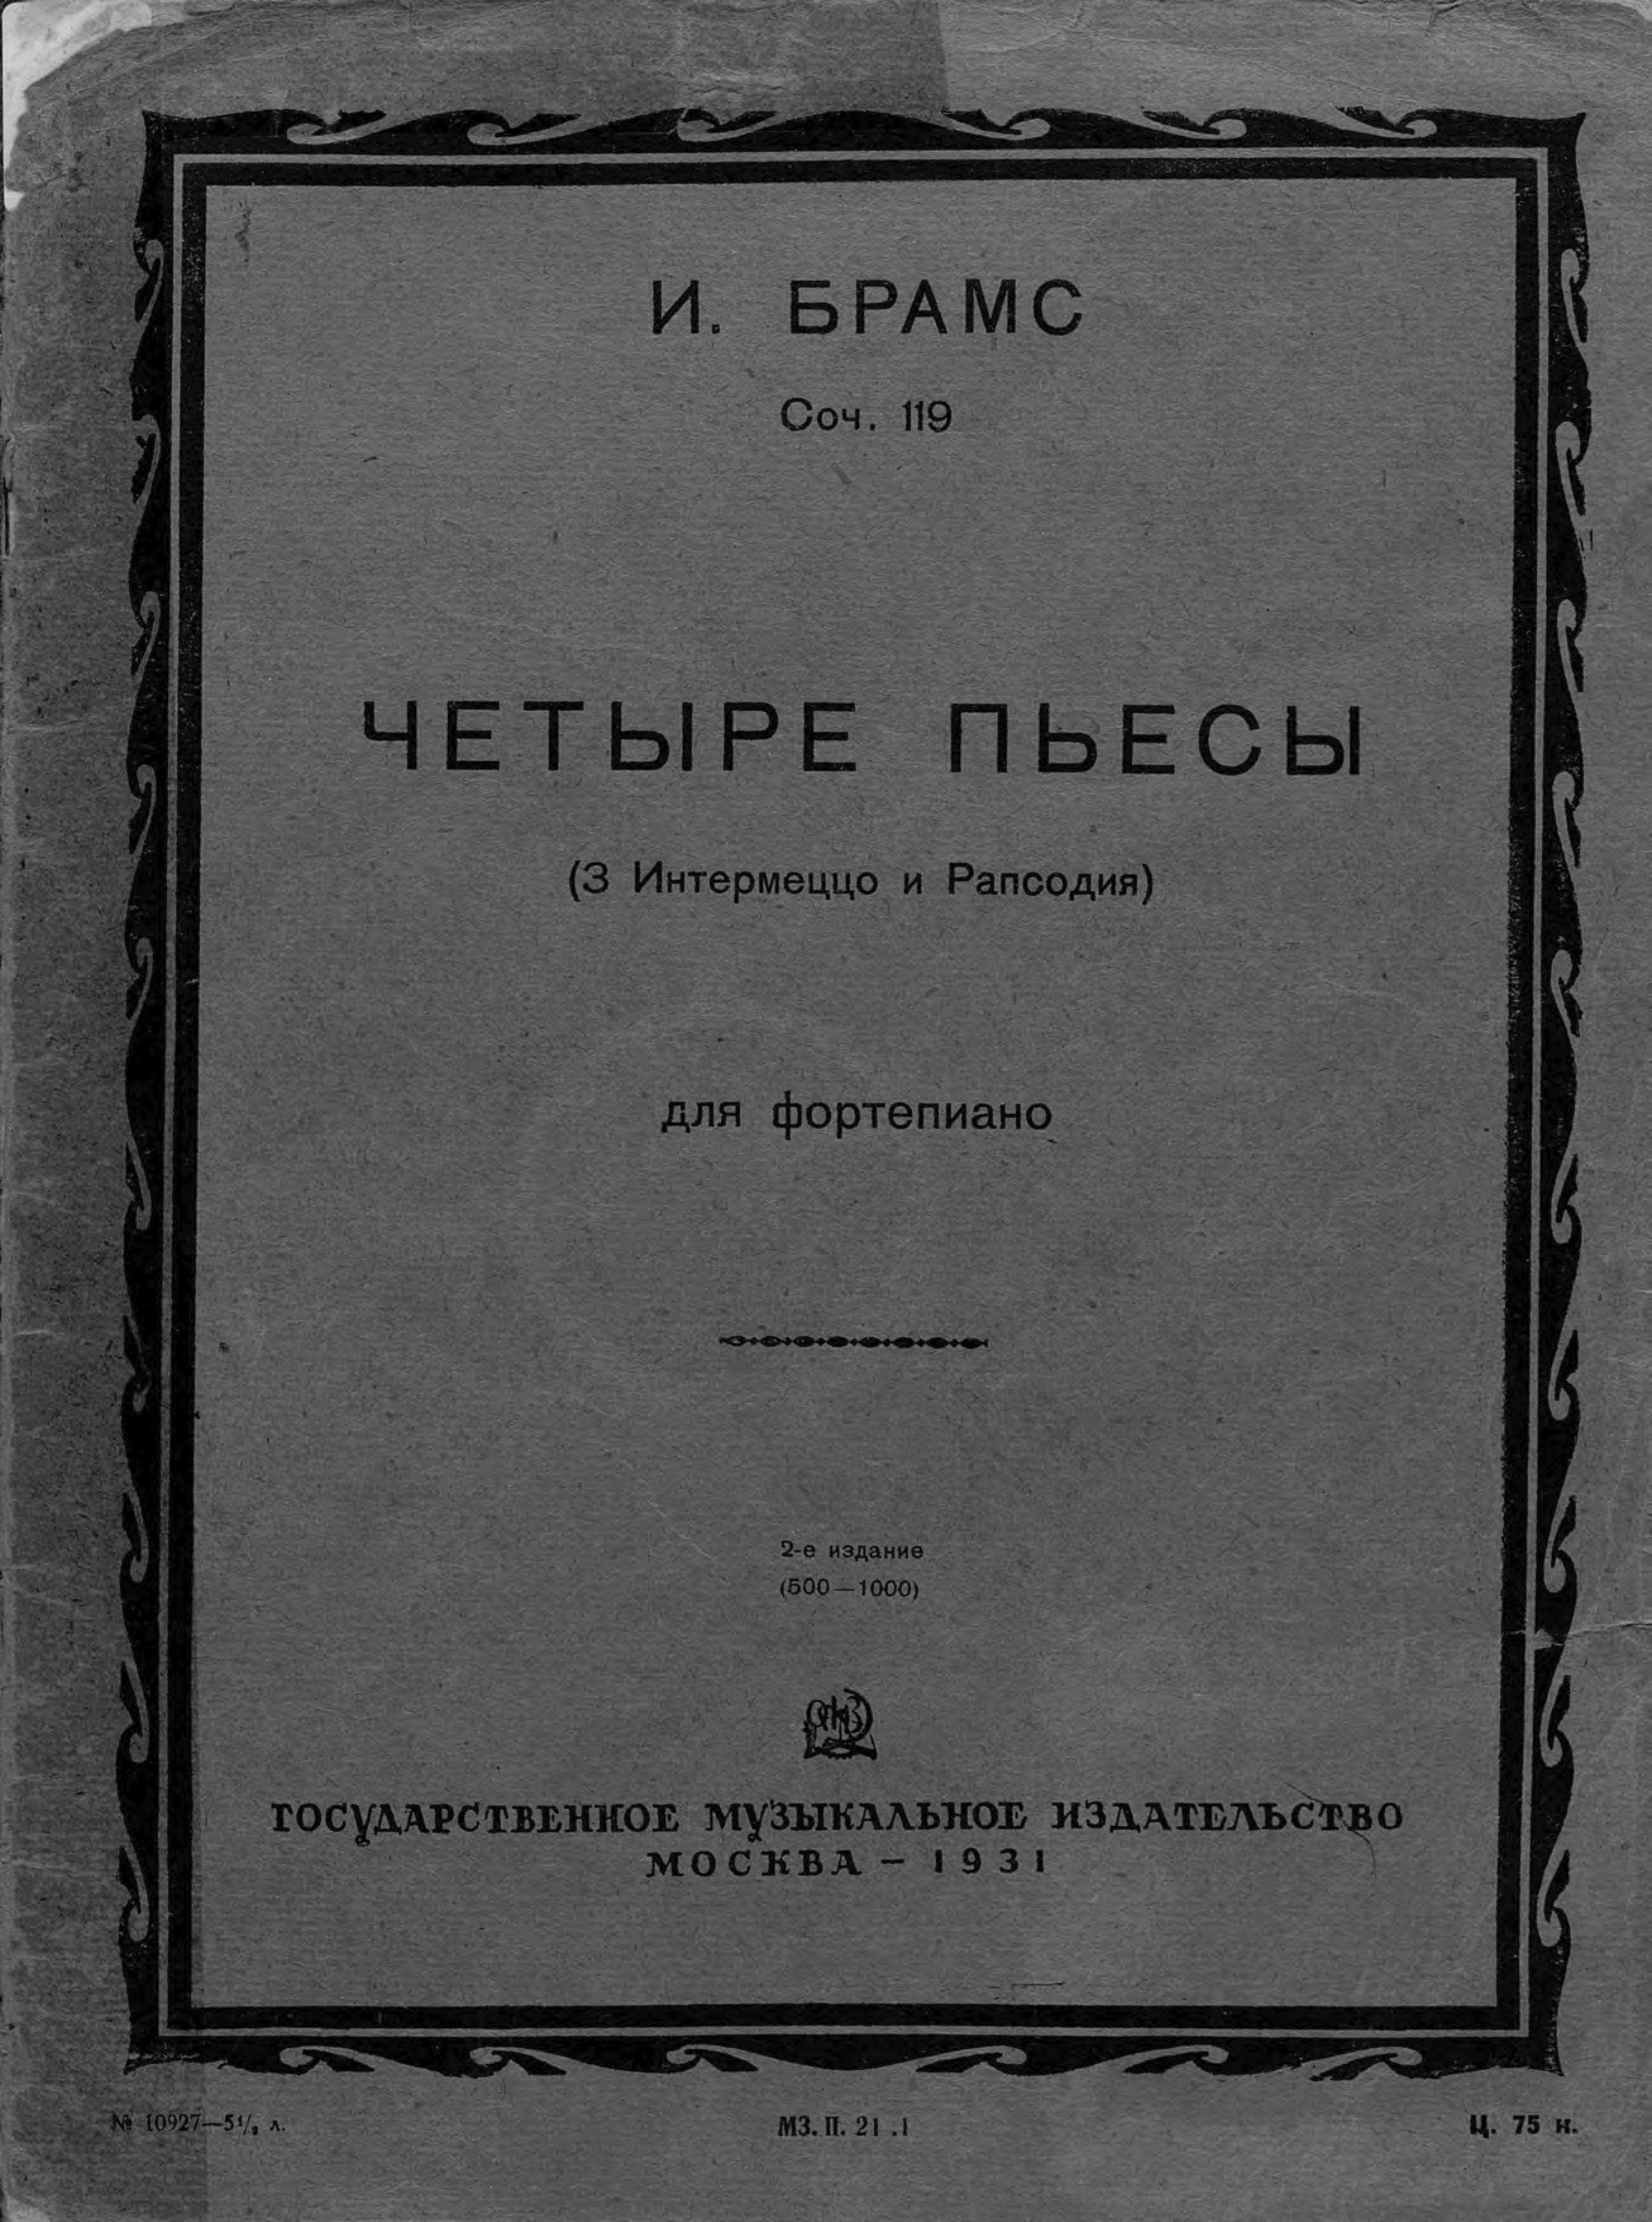 Иоганнес Брамс Четыре пьесы давид ойстрах limited edition выпуск 2 франц шуберт иоганнес брамс сонаты для скрипки lp